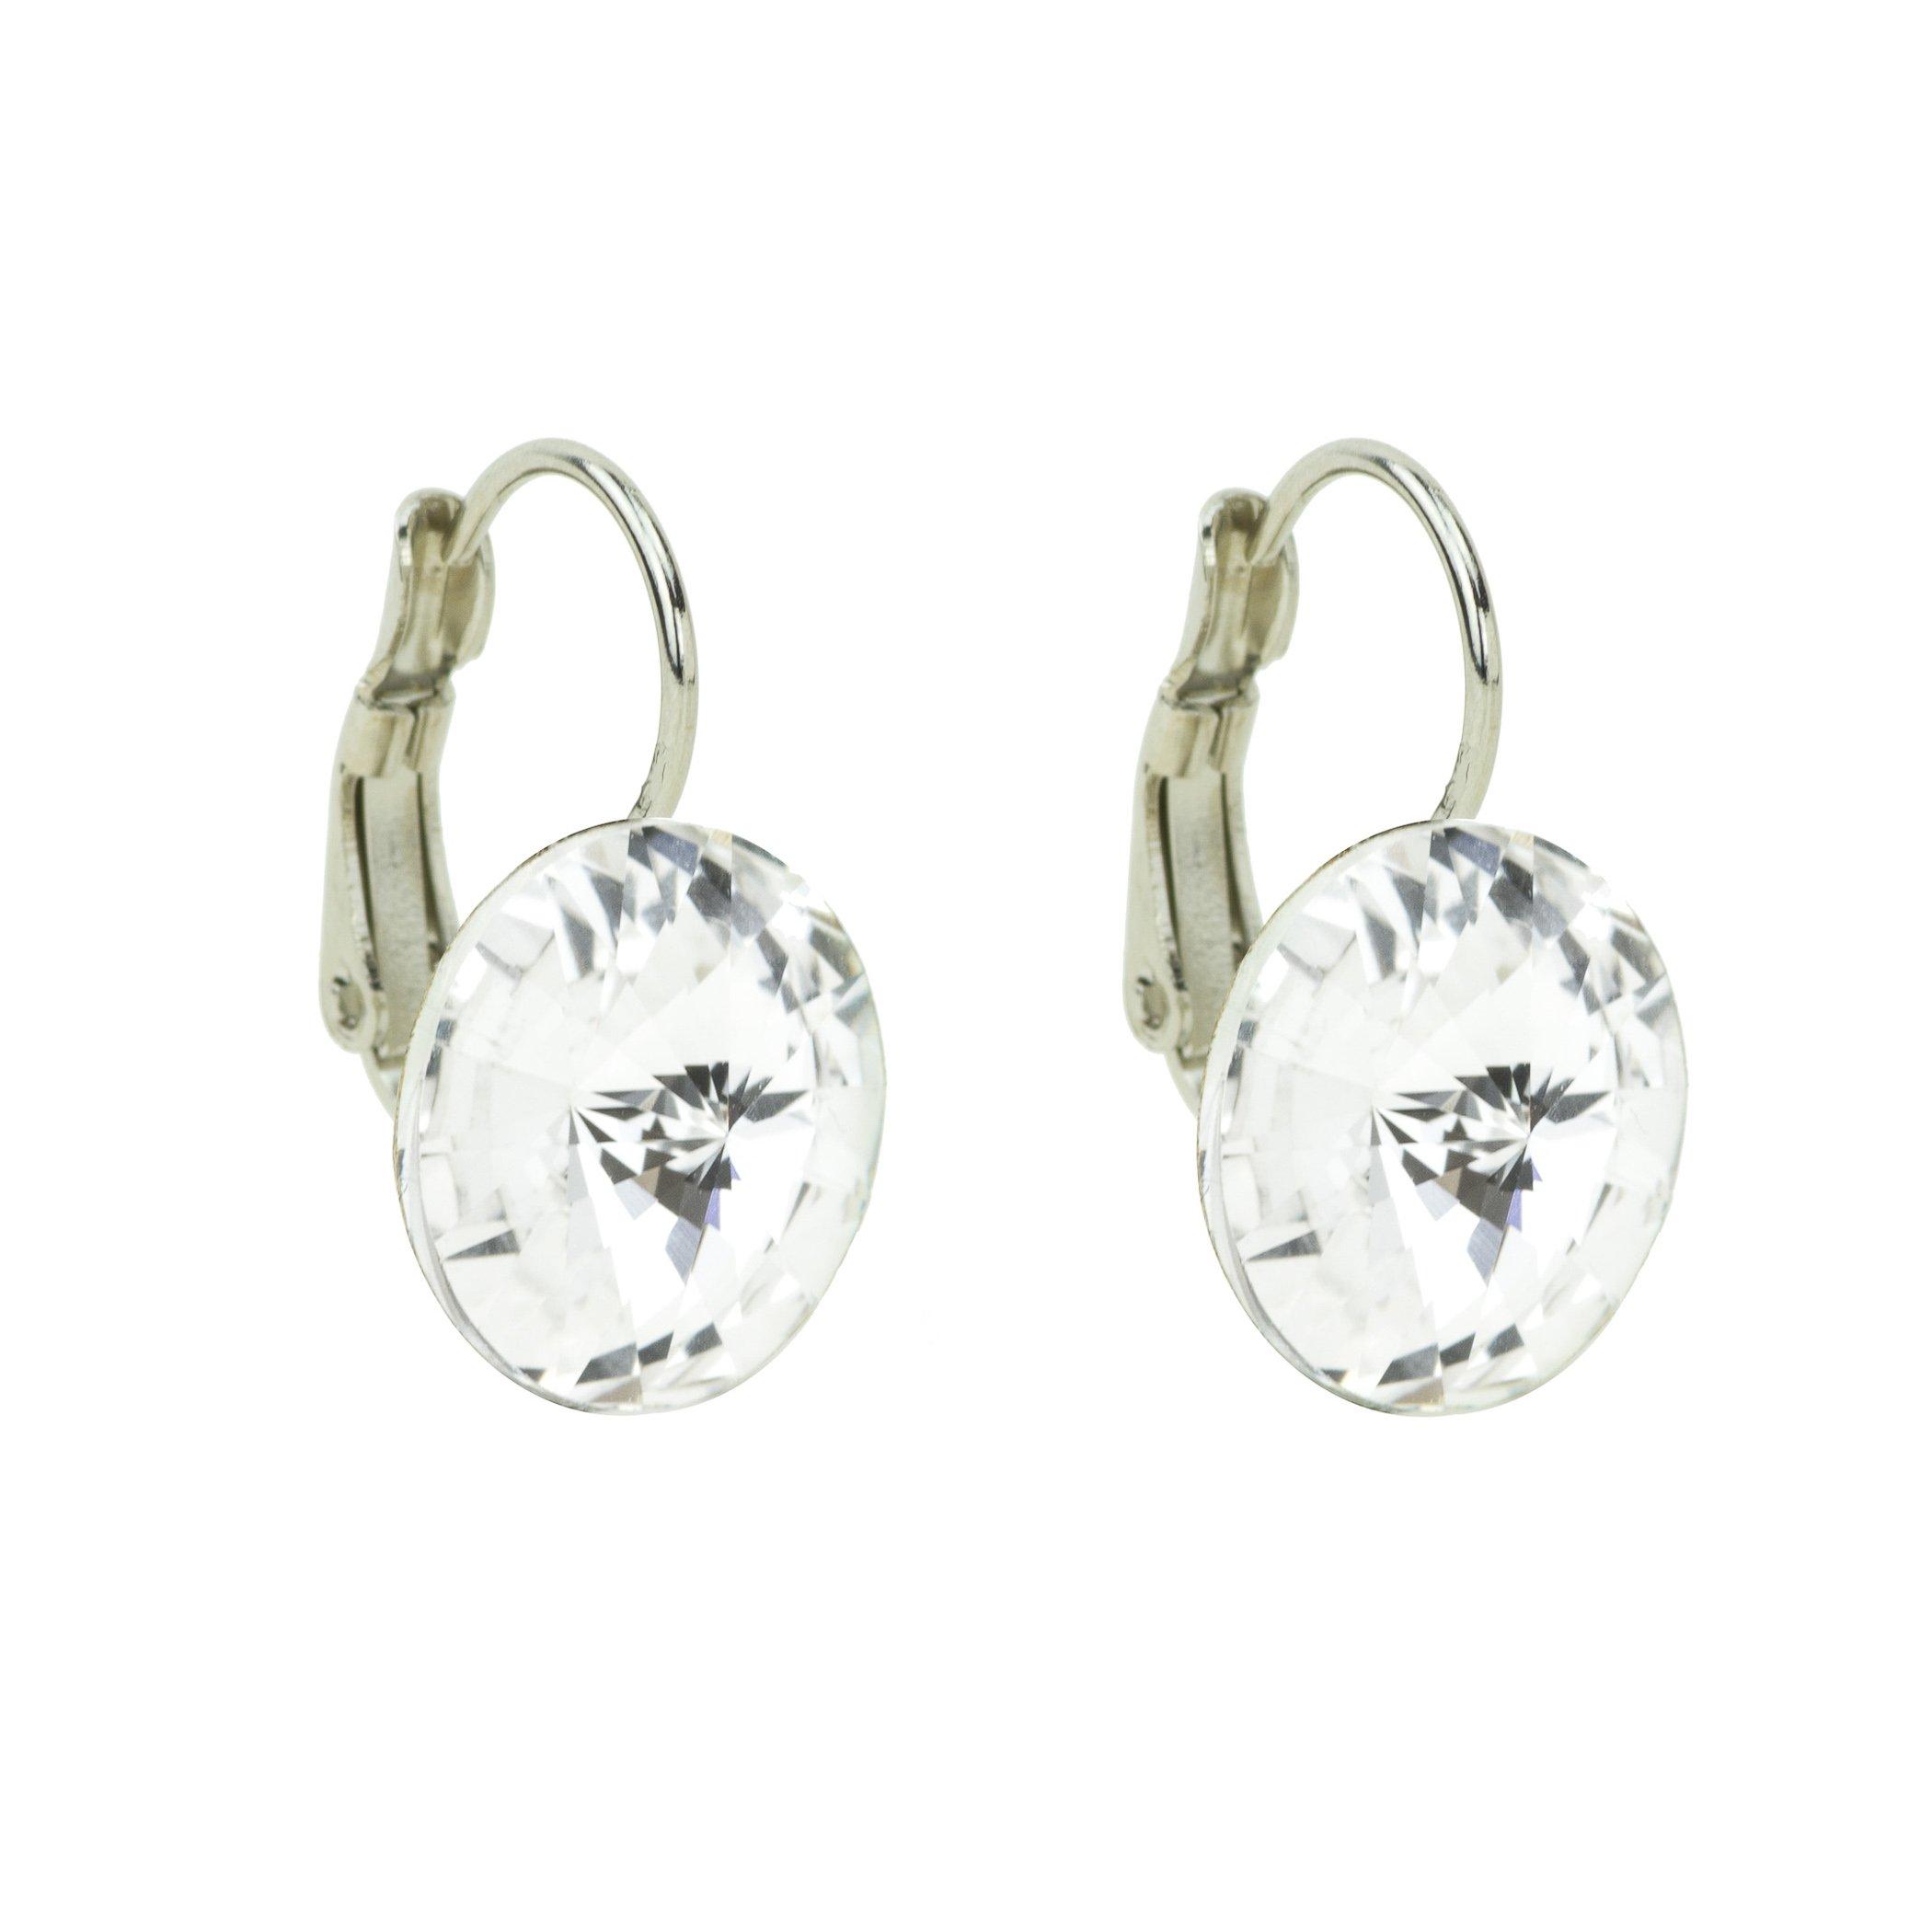 Eve S jewelry orecchini da donna con Swarovski Elements Crystal (14mm) placcati argento rodiato cri